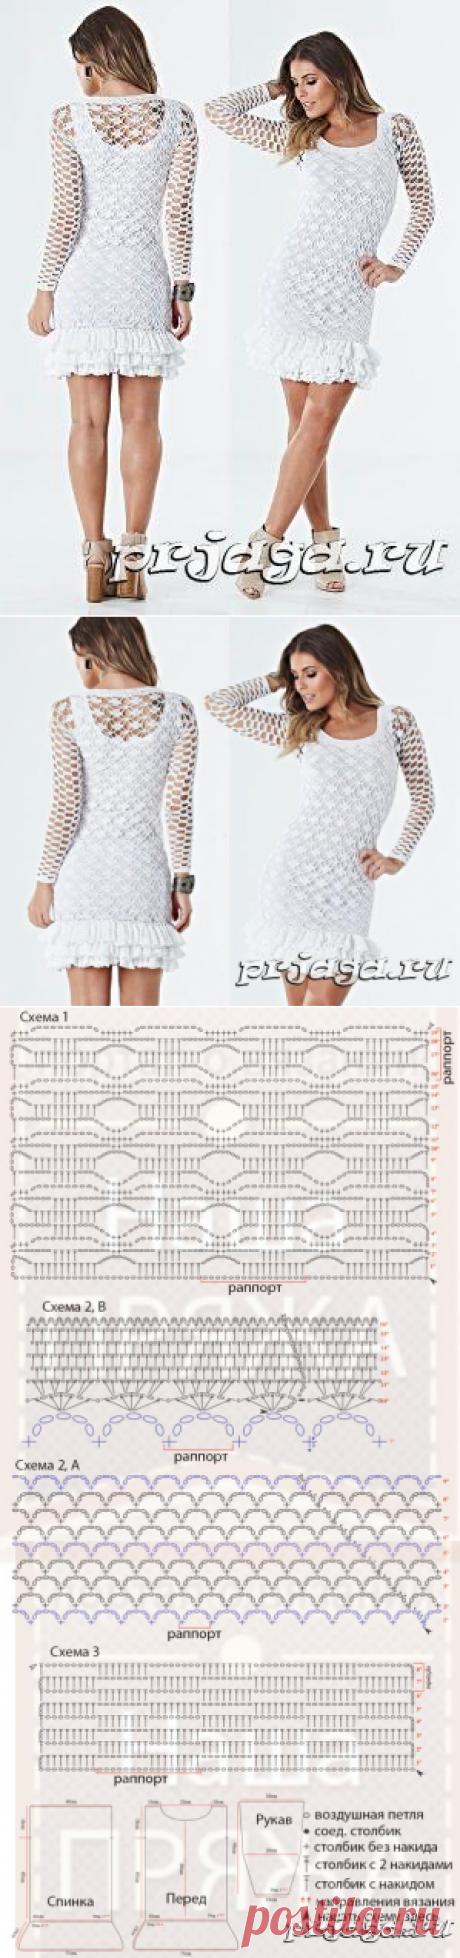 Платье с рюшами крючком